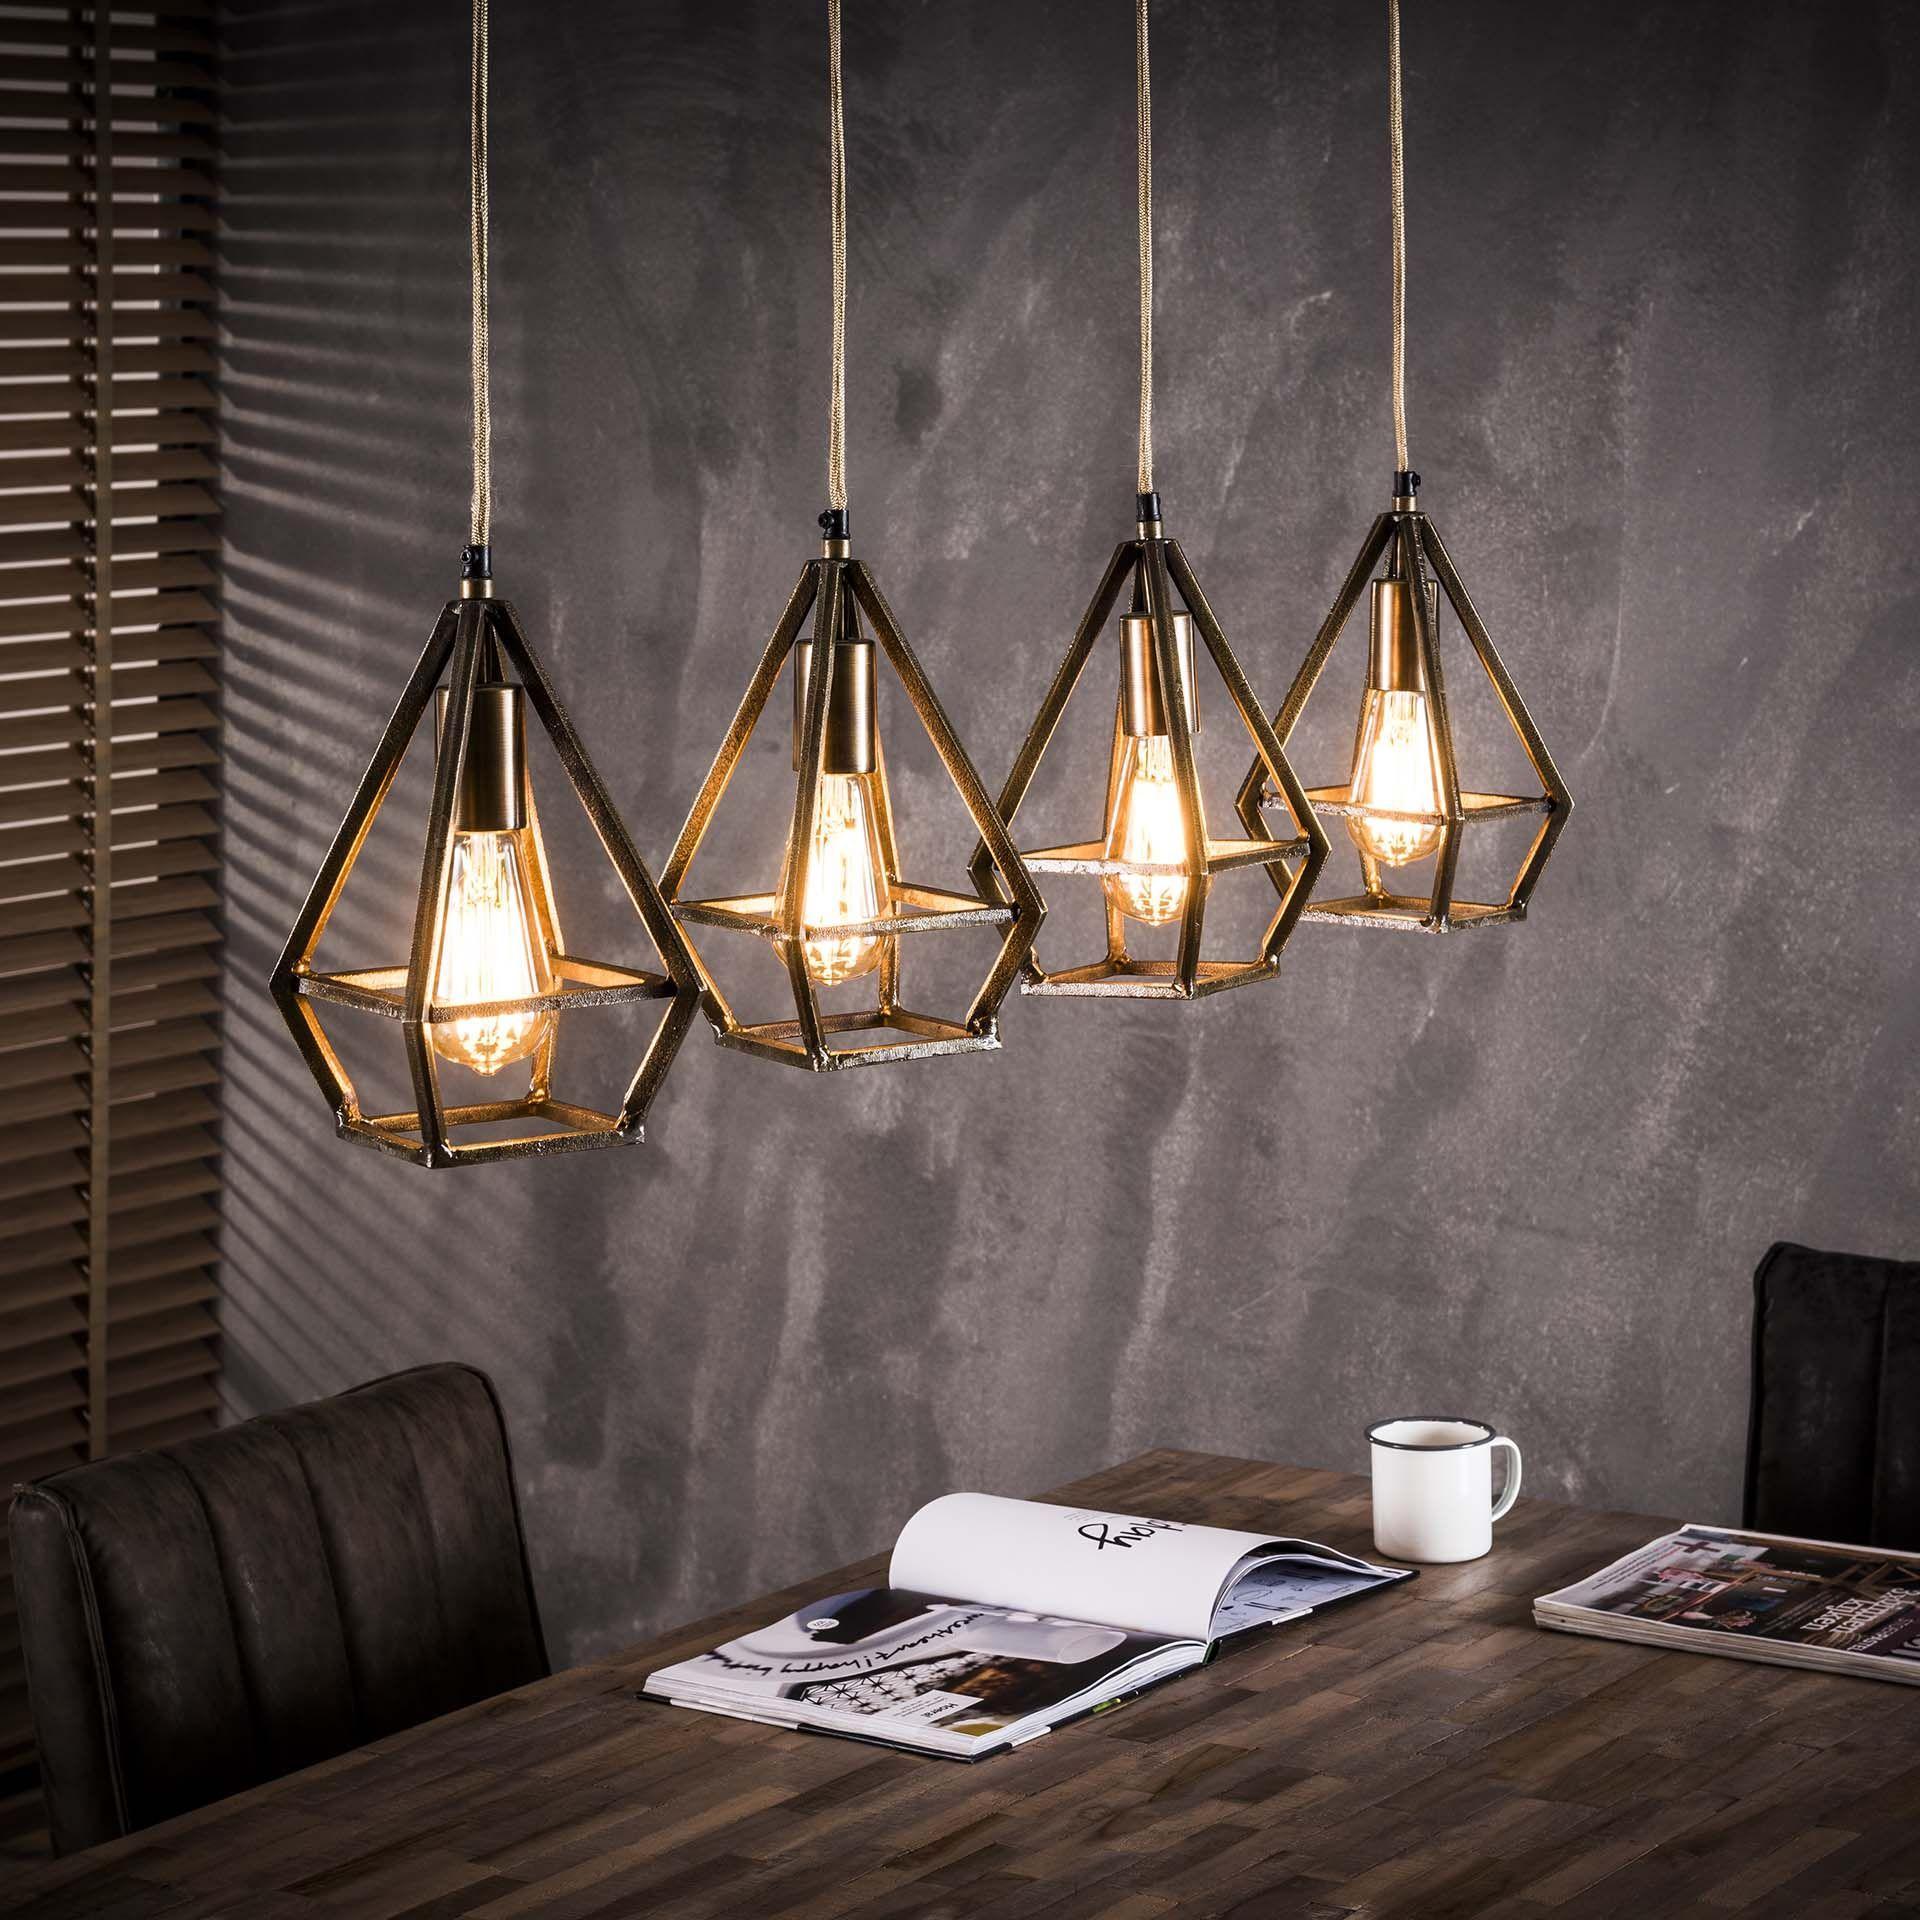 Hängelampe Drop  Lampen wohnzimmer, Esstisch beleuchtung, Lampen